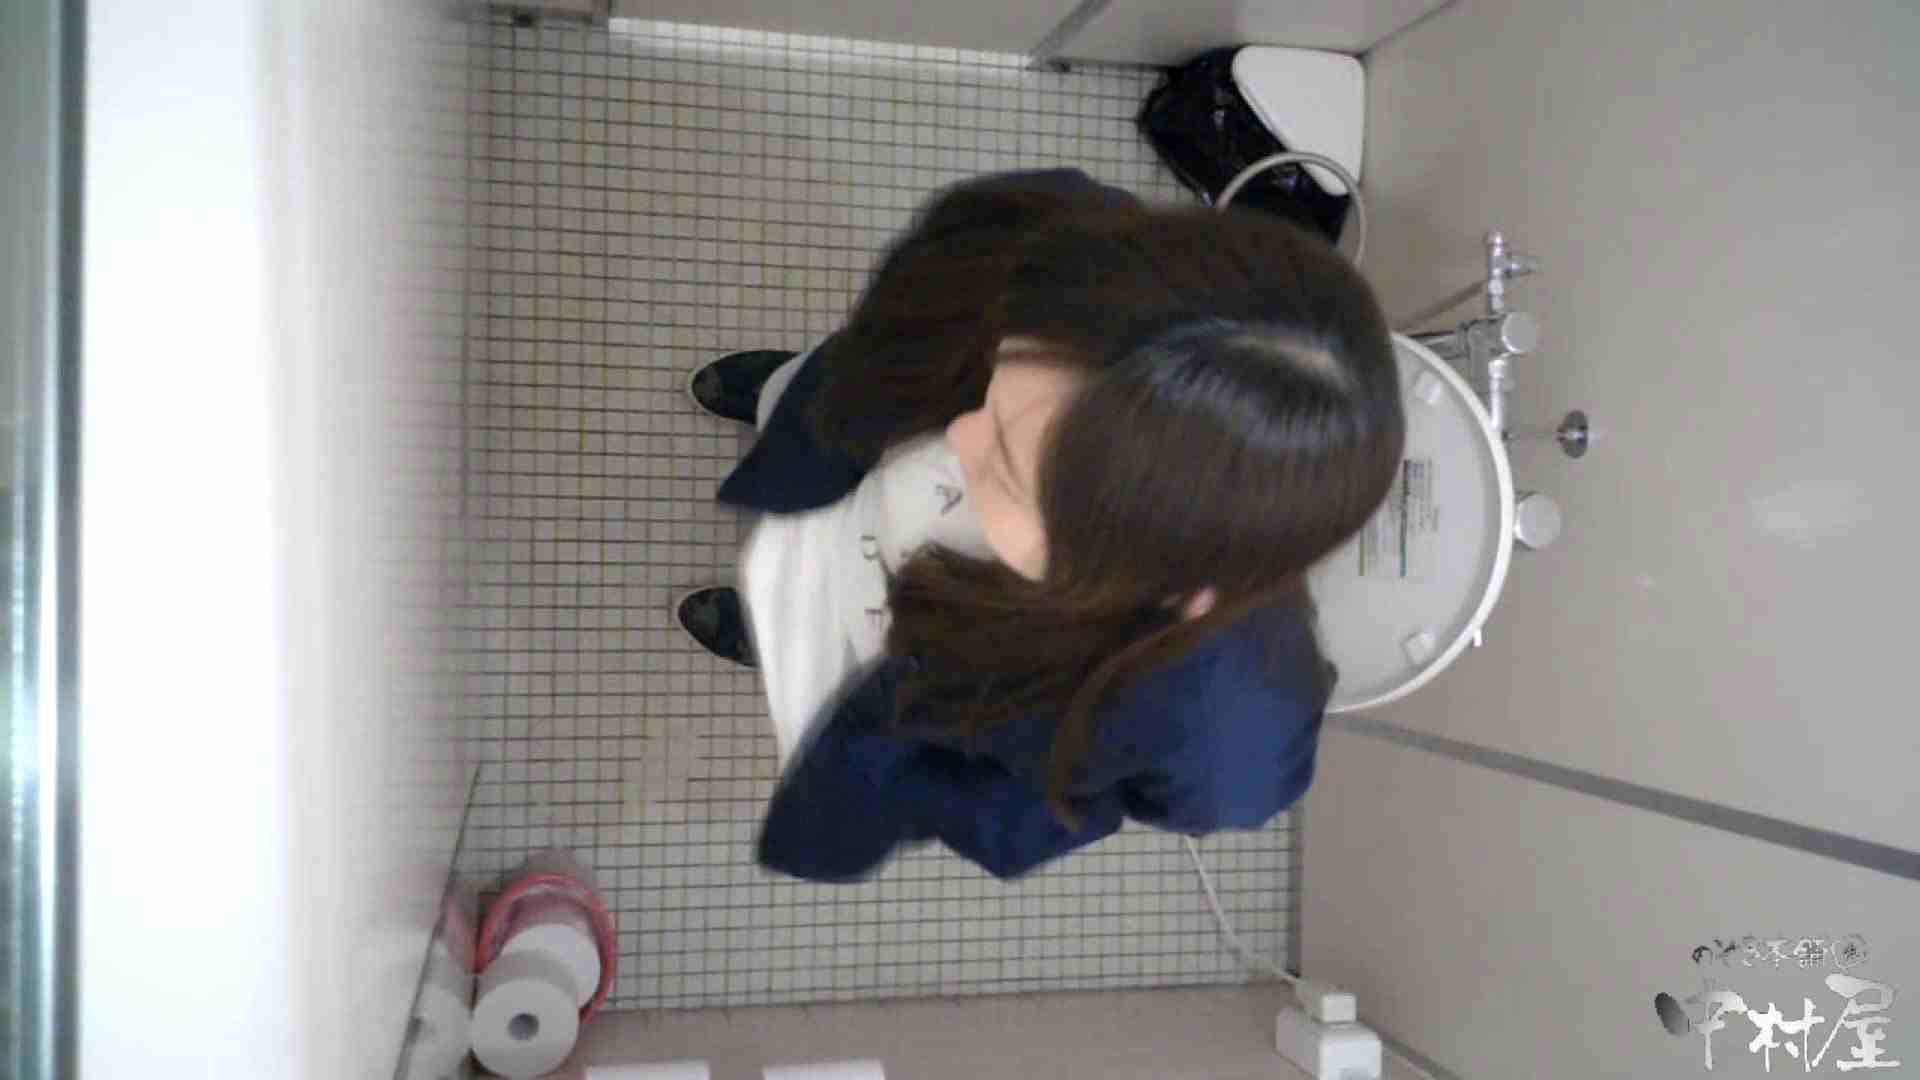 【某有名大学女性洗面所】有名大学女性洗面所 vol.43 いつみても神秘的な世界です。 0  102連発 28